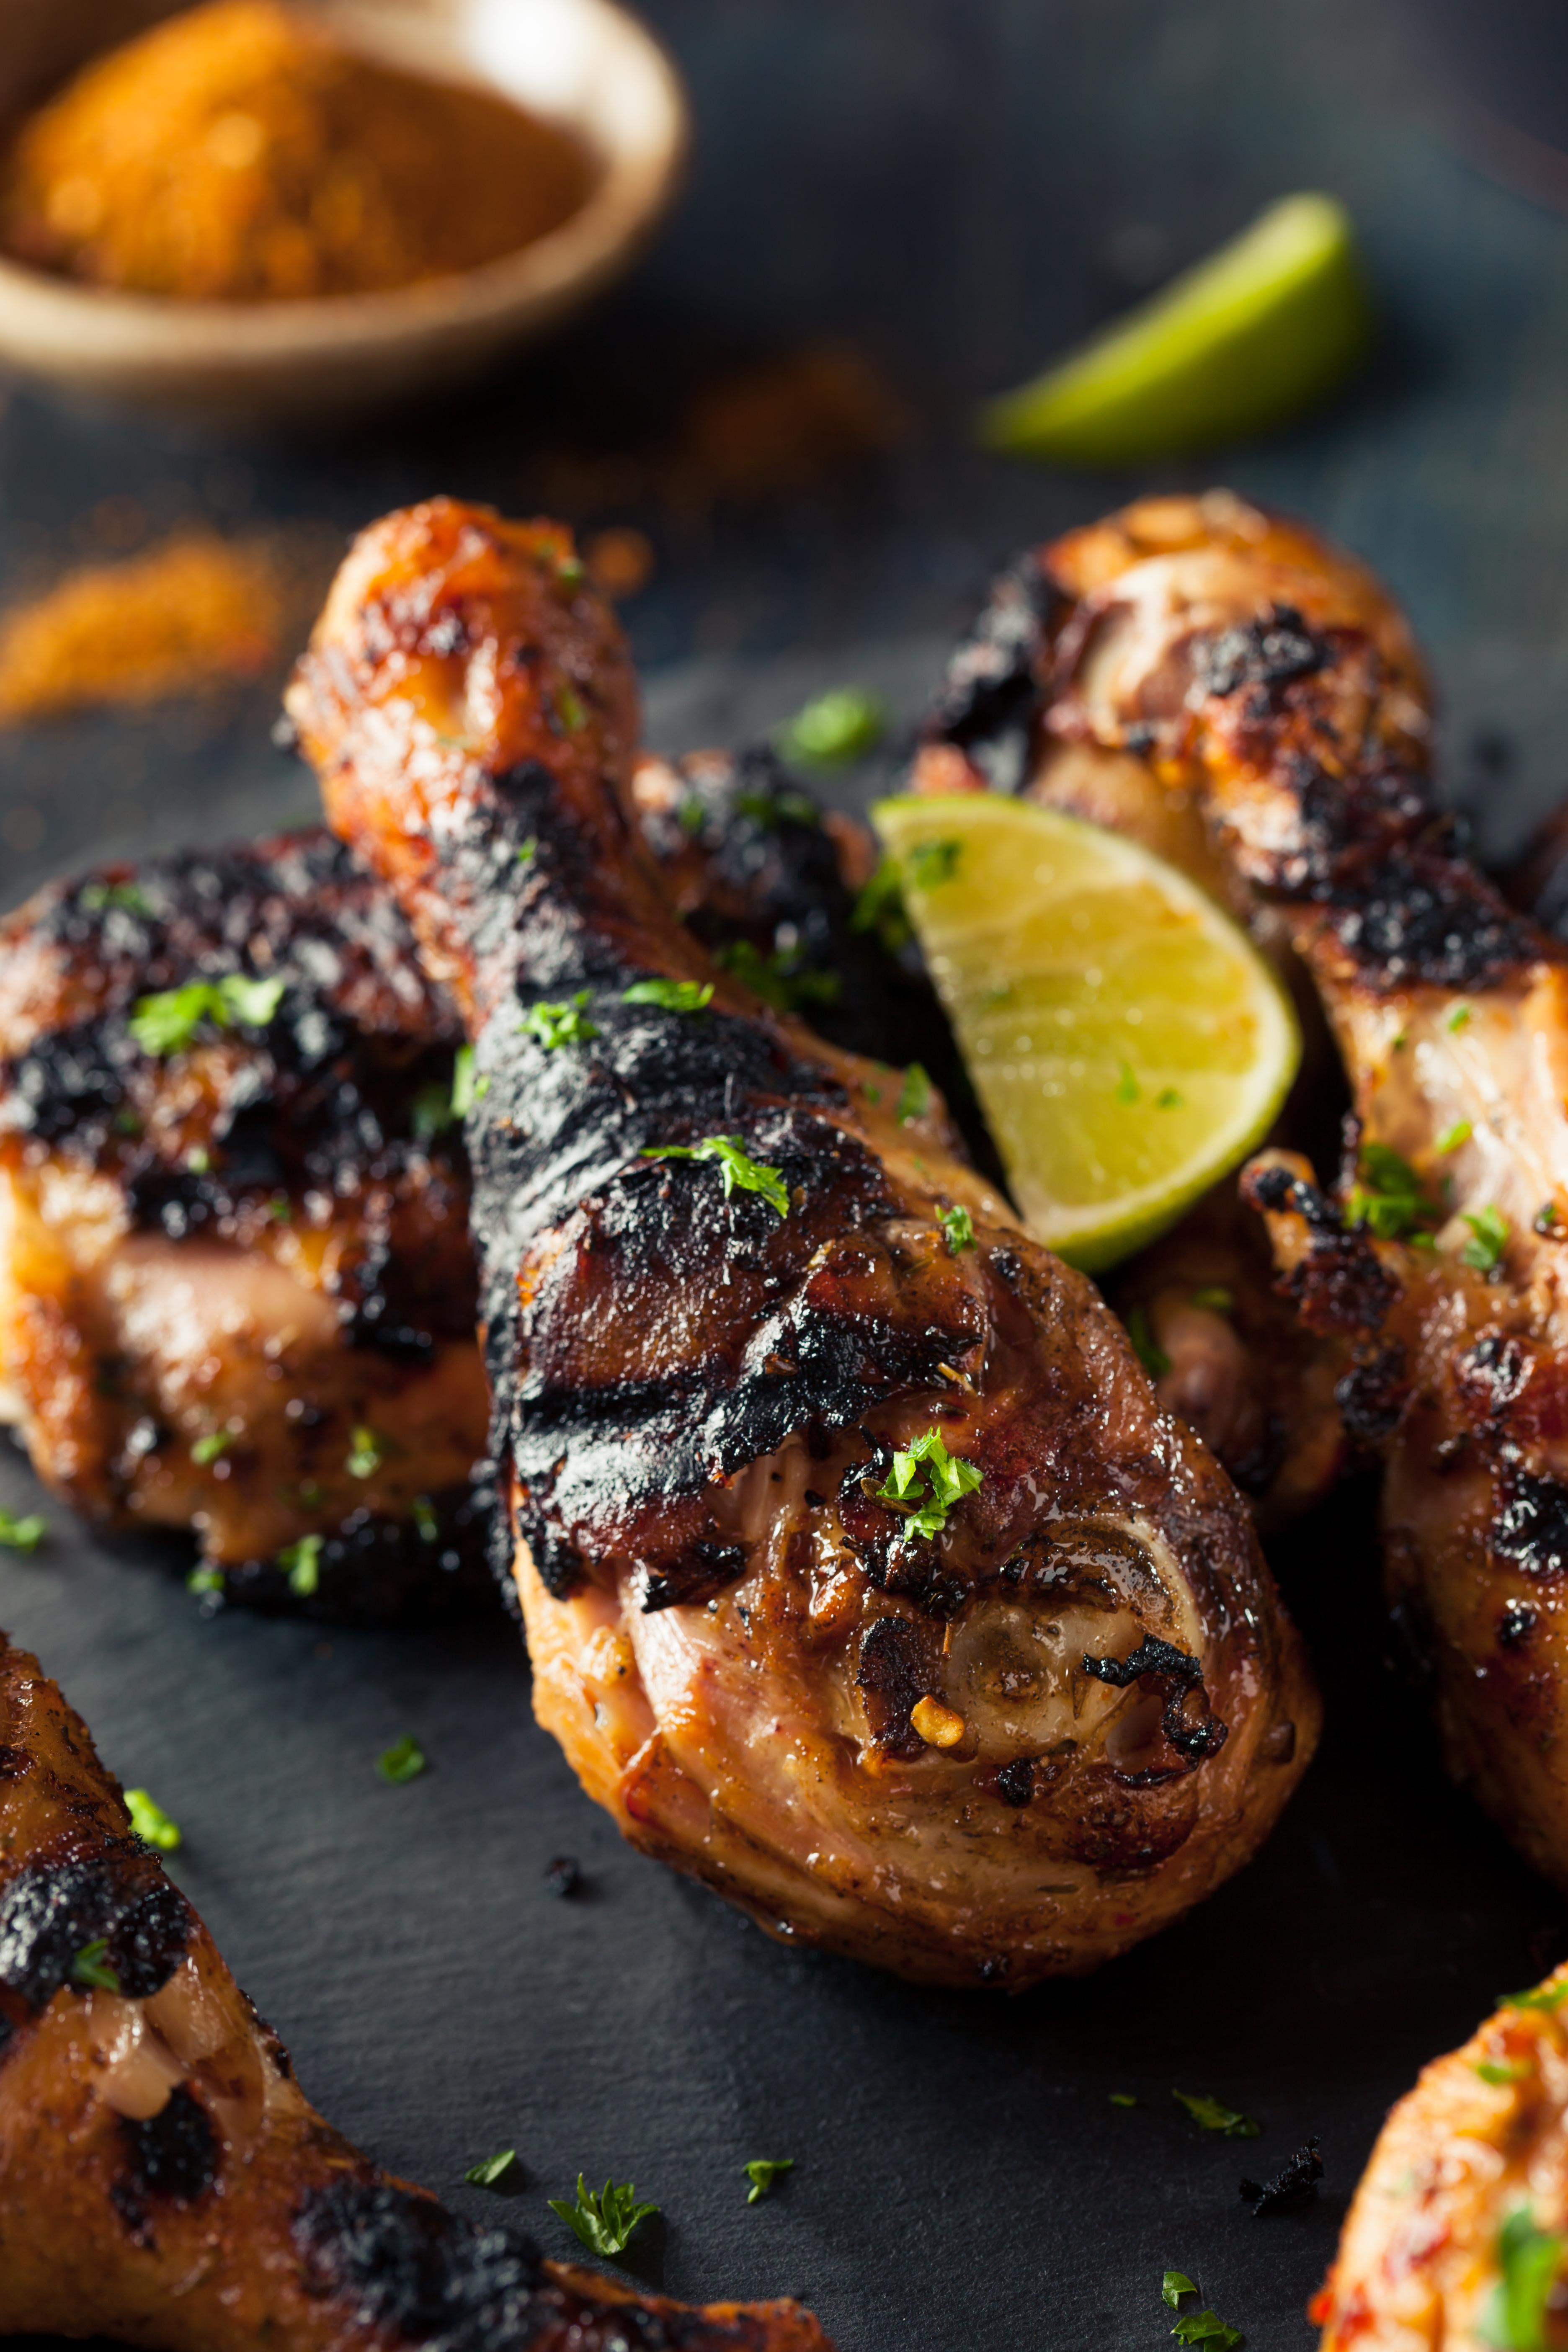 Spicy grilled jerked chicken